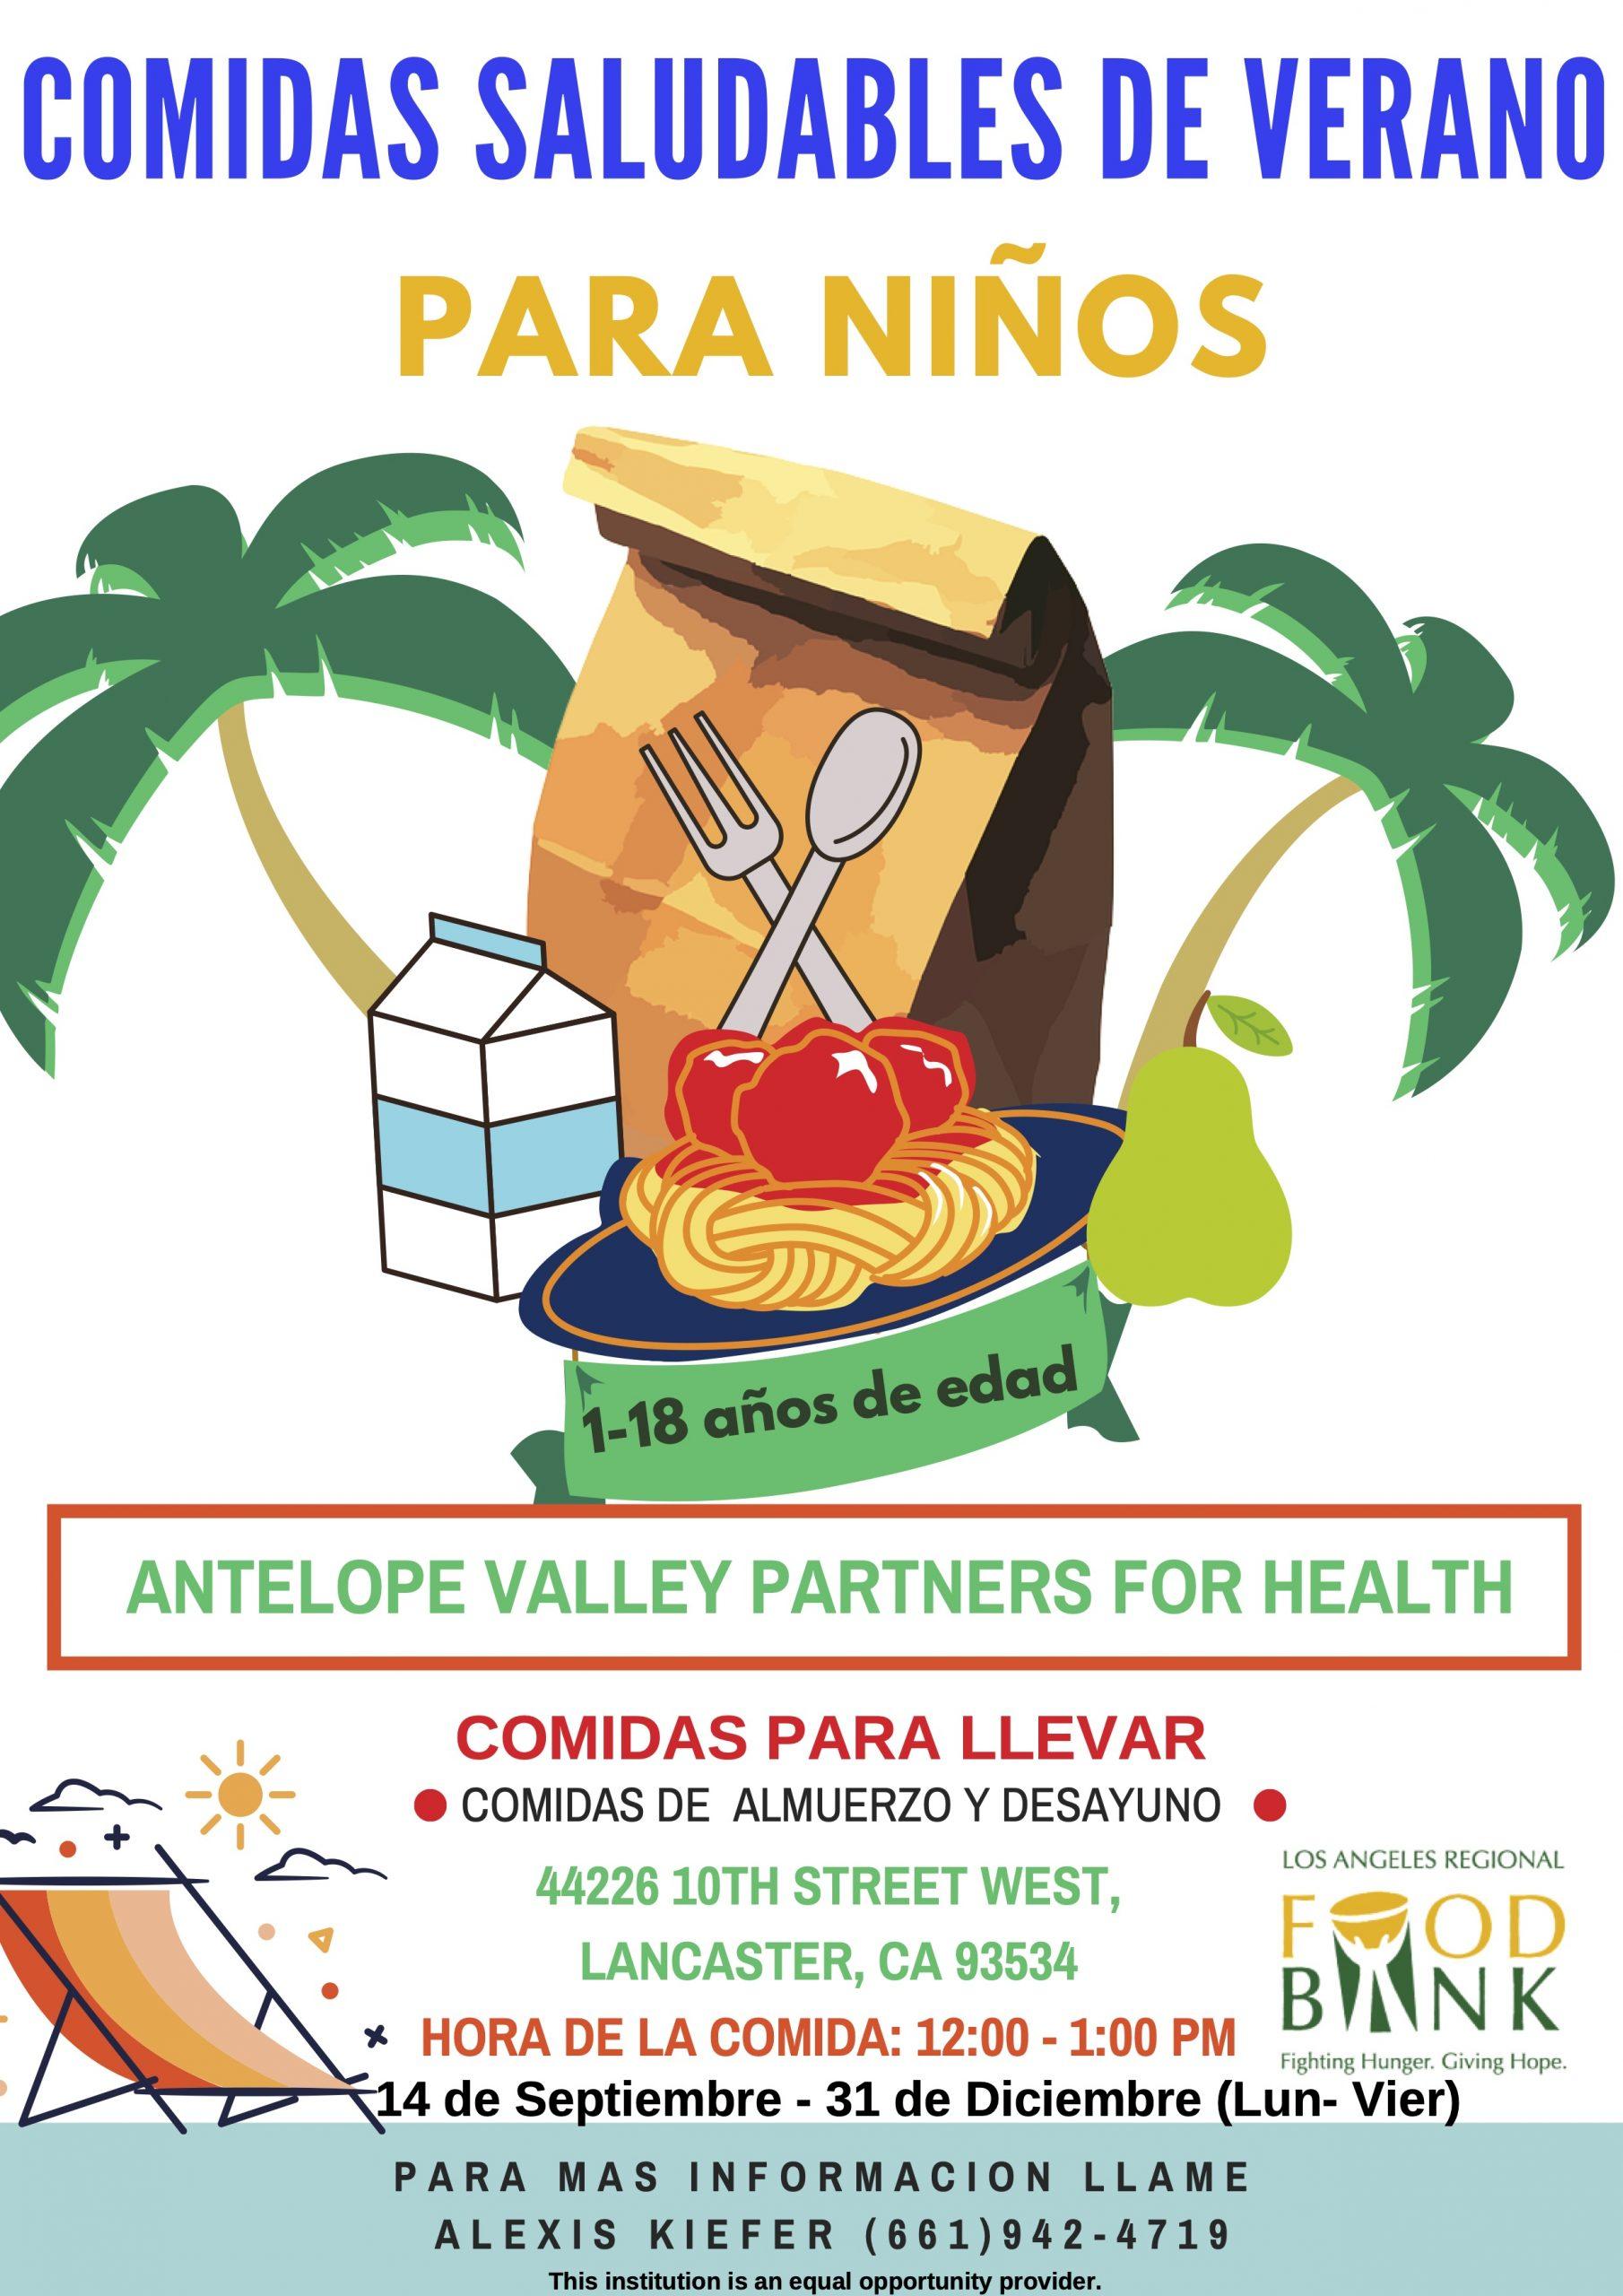 Lunch Flyer from AV Partners in Spanish